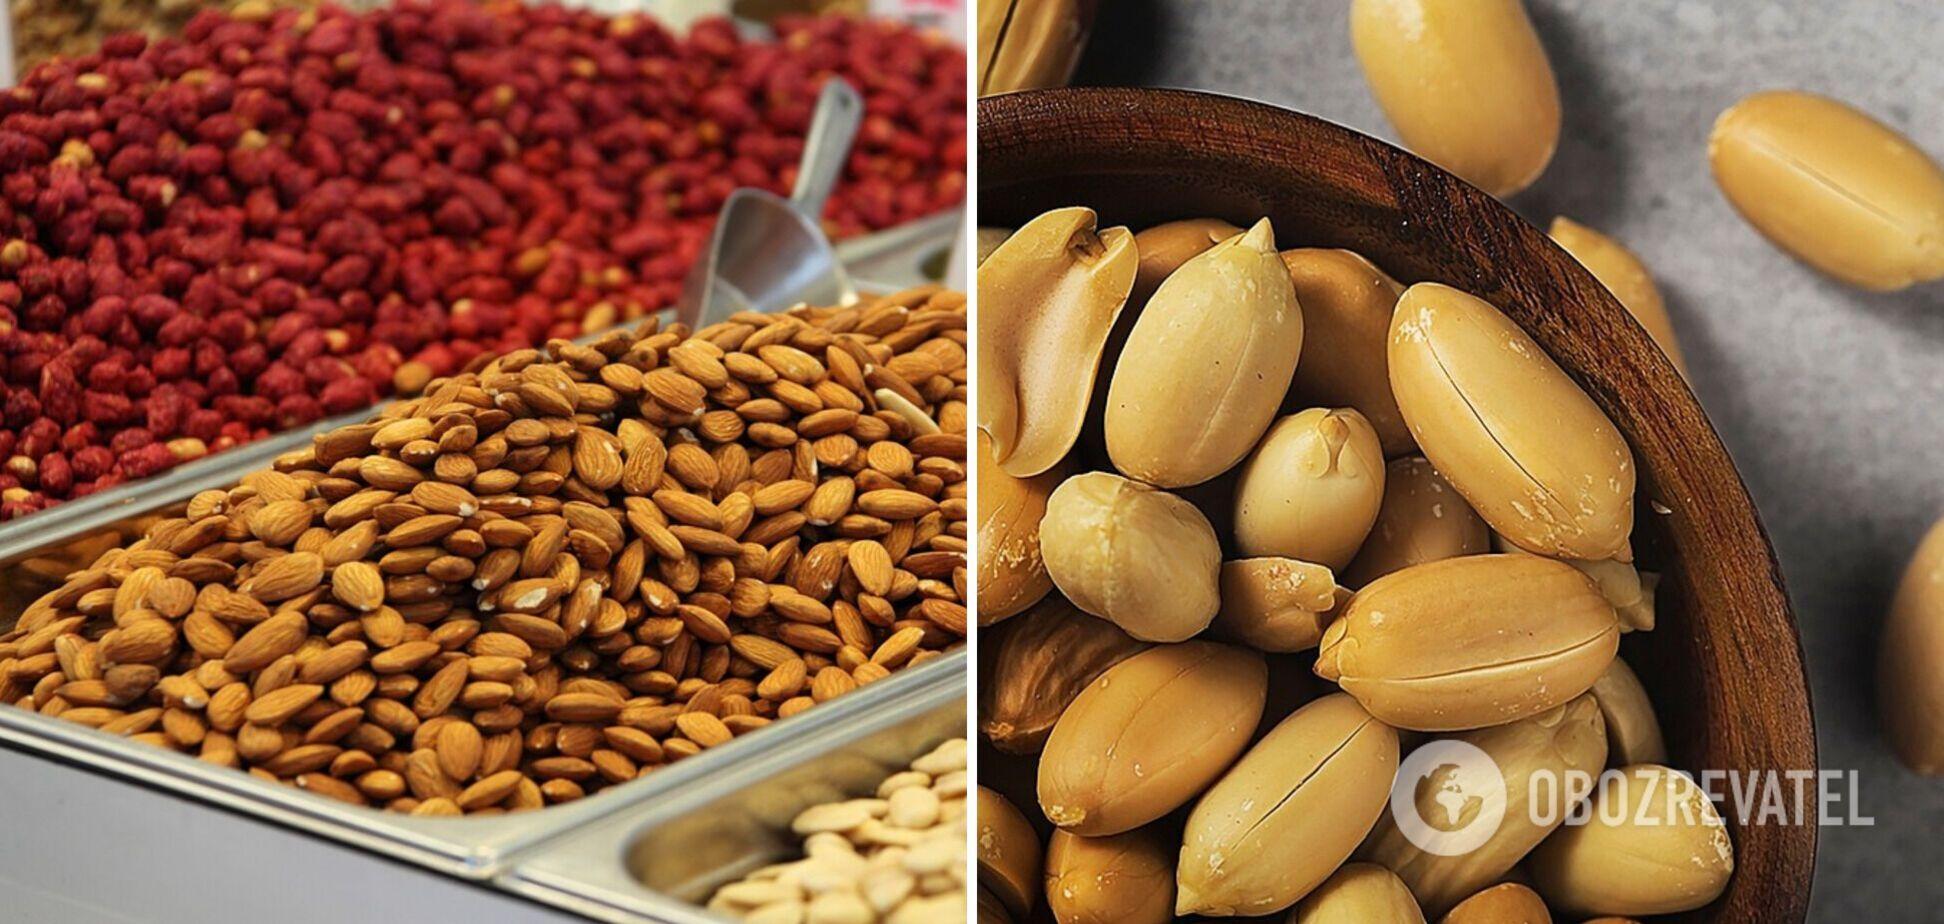 Експерти назвали найкорисніший горіх: головні переваги